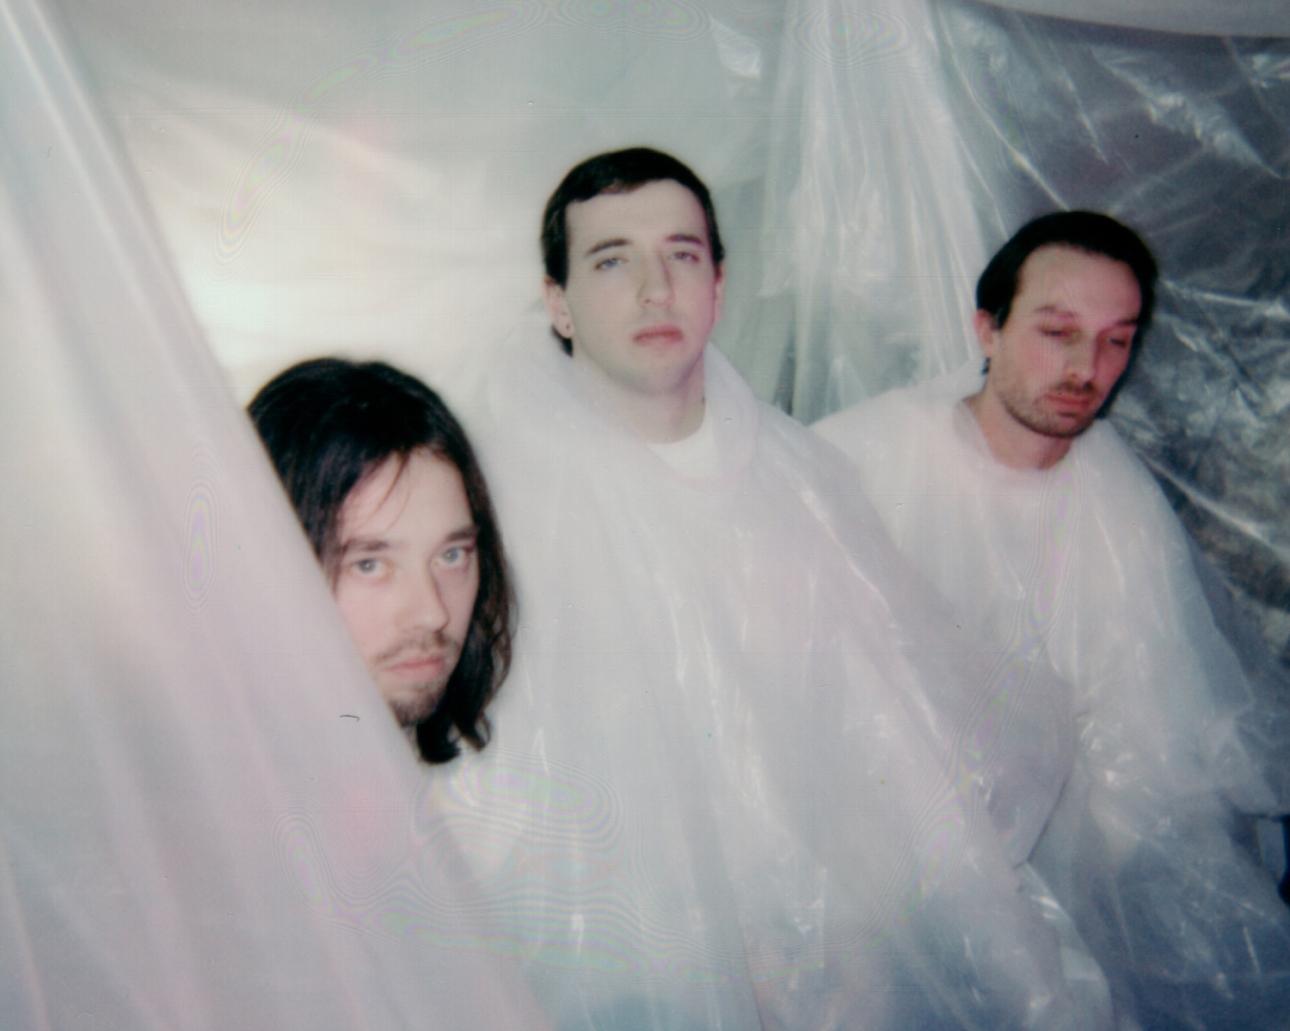 Citizen анонсирует четвертый альбом с заглавной версией «I Want To Kill You»